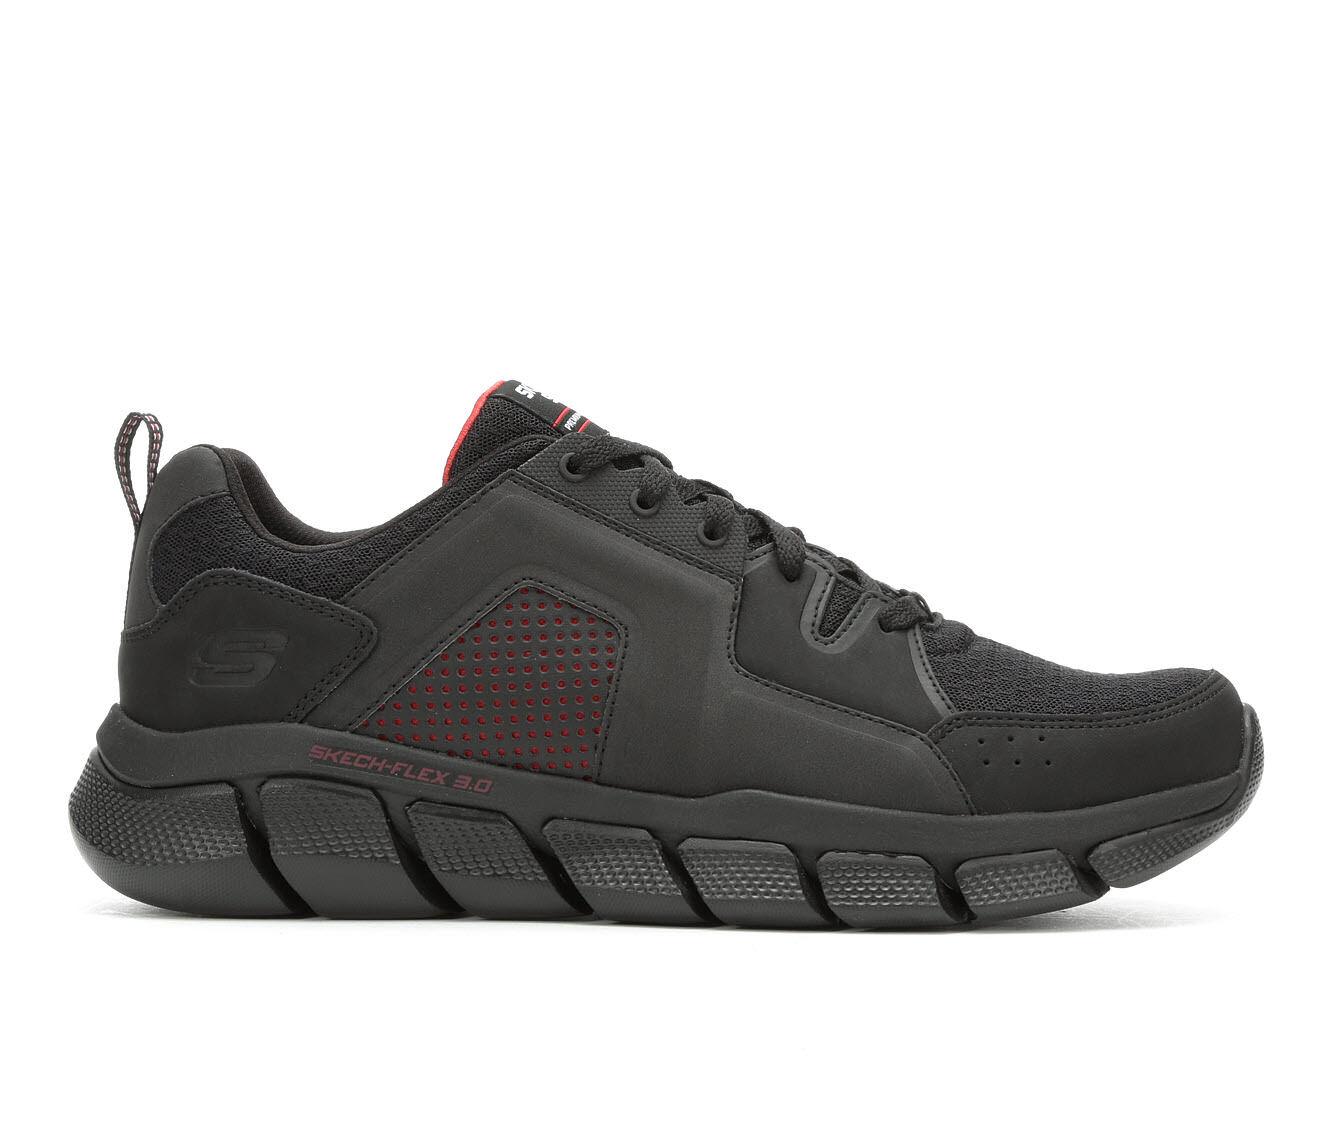 Men's Skechers Flex 3.0 52845 Running Shoes Blk/Red